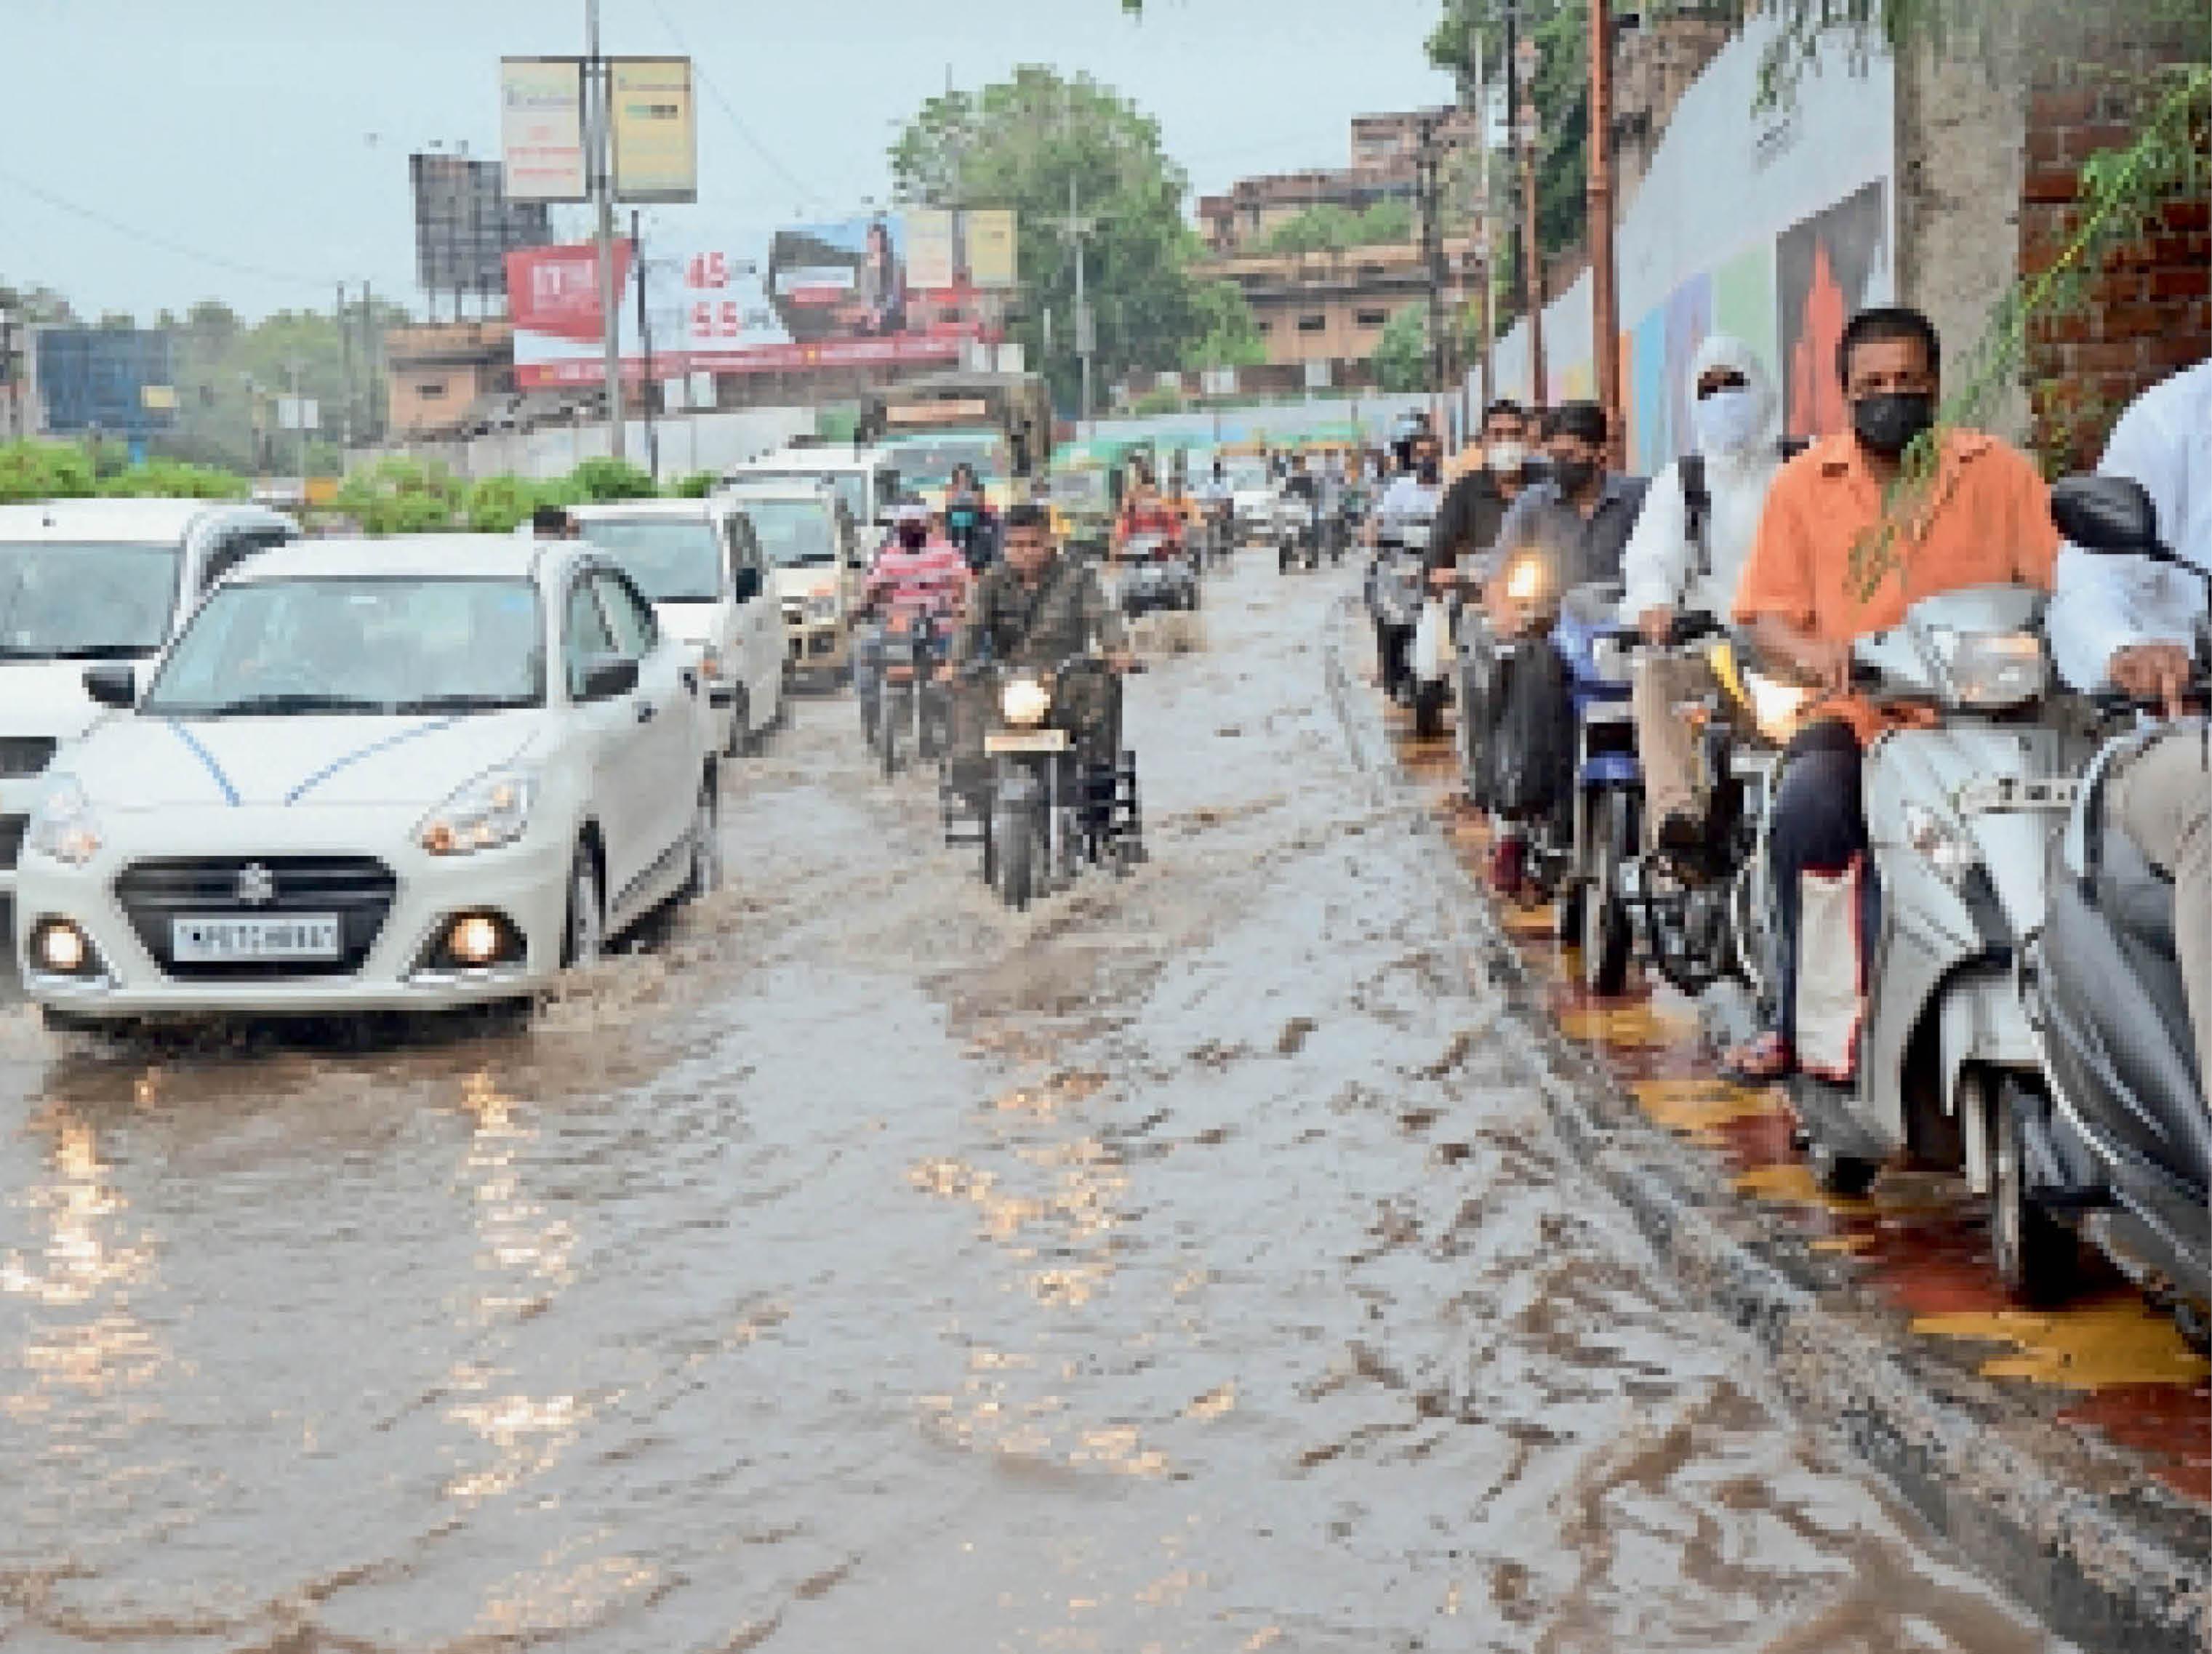 डेढ़ घंटे की बारिश में 4 घंटे 'डूबा' ड्रेनेज सिस्टम और ट्रैफिक|ग्वालियर,Gwalior - Dainik Bhaskar